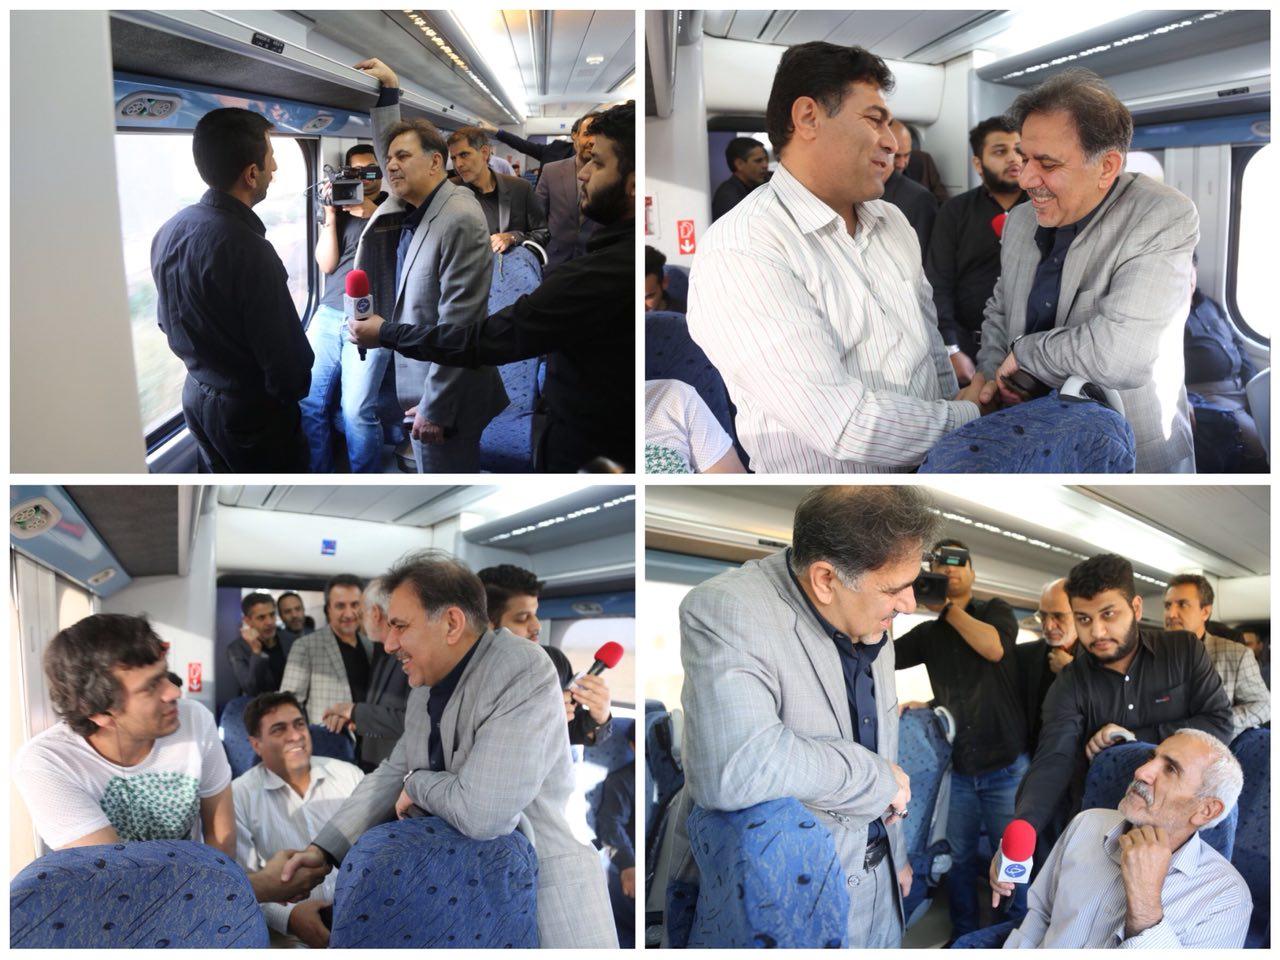 گزارش تصویری سفر وزیر راه و شهرسازی با قطار حومه ای تهران – پرند و بازدید از پروژه های شهر جدید پرند